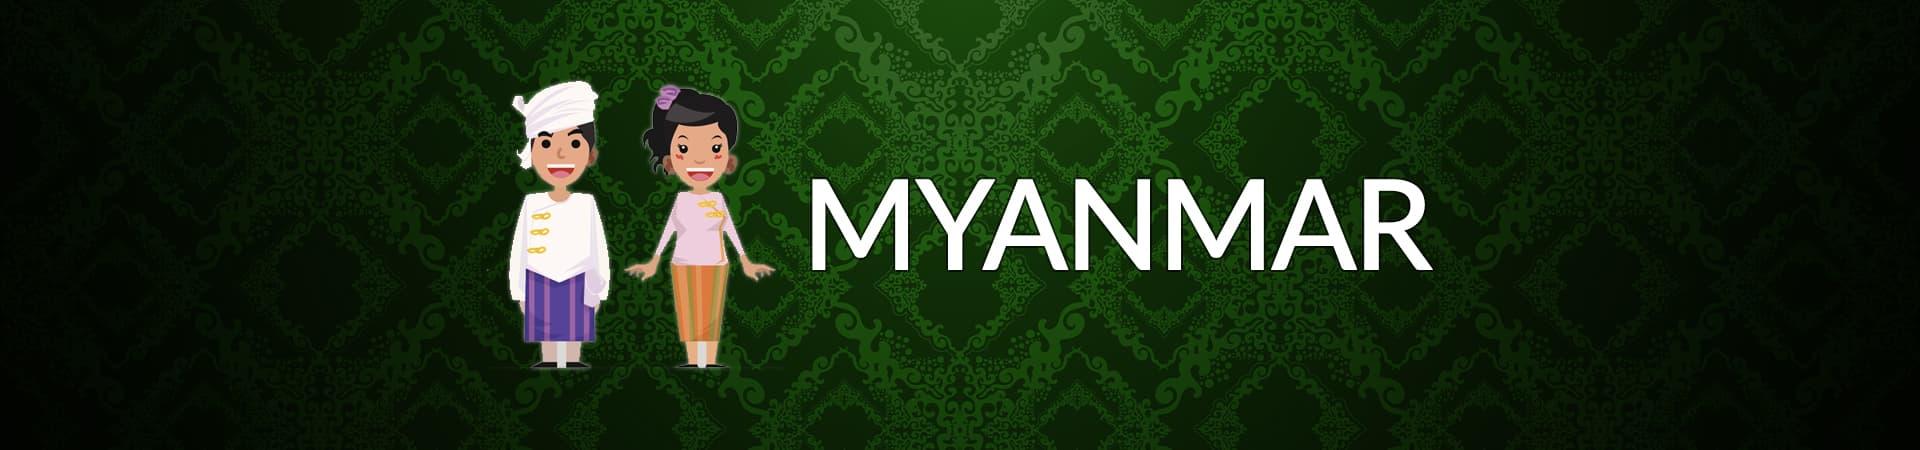 Customs in Myanmar banner